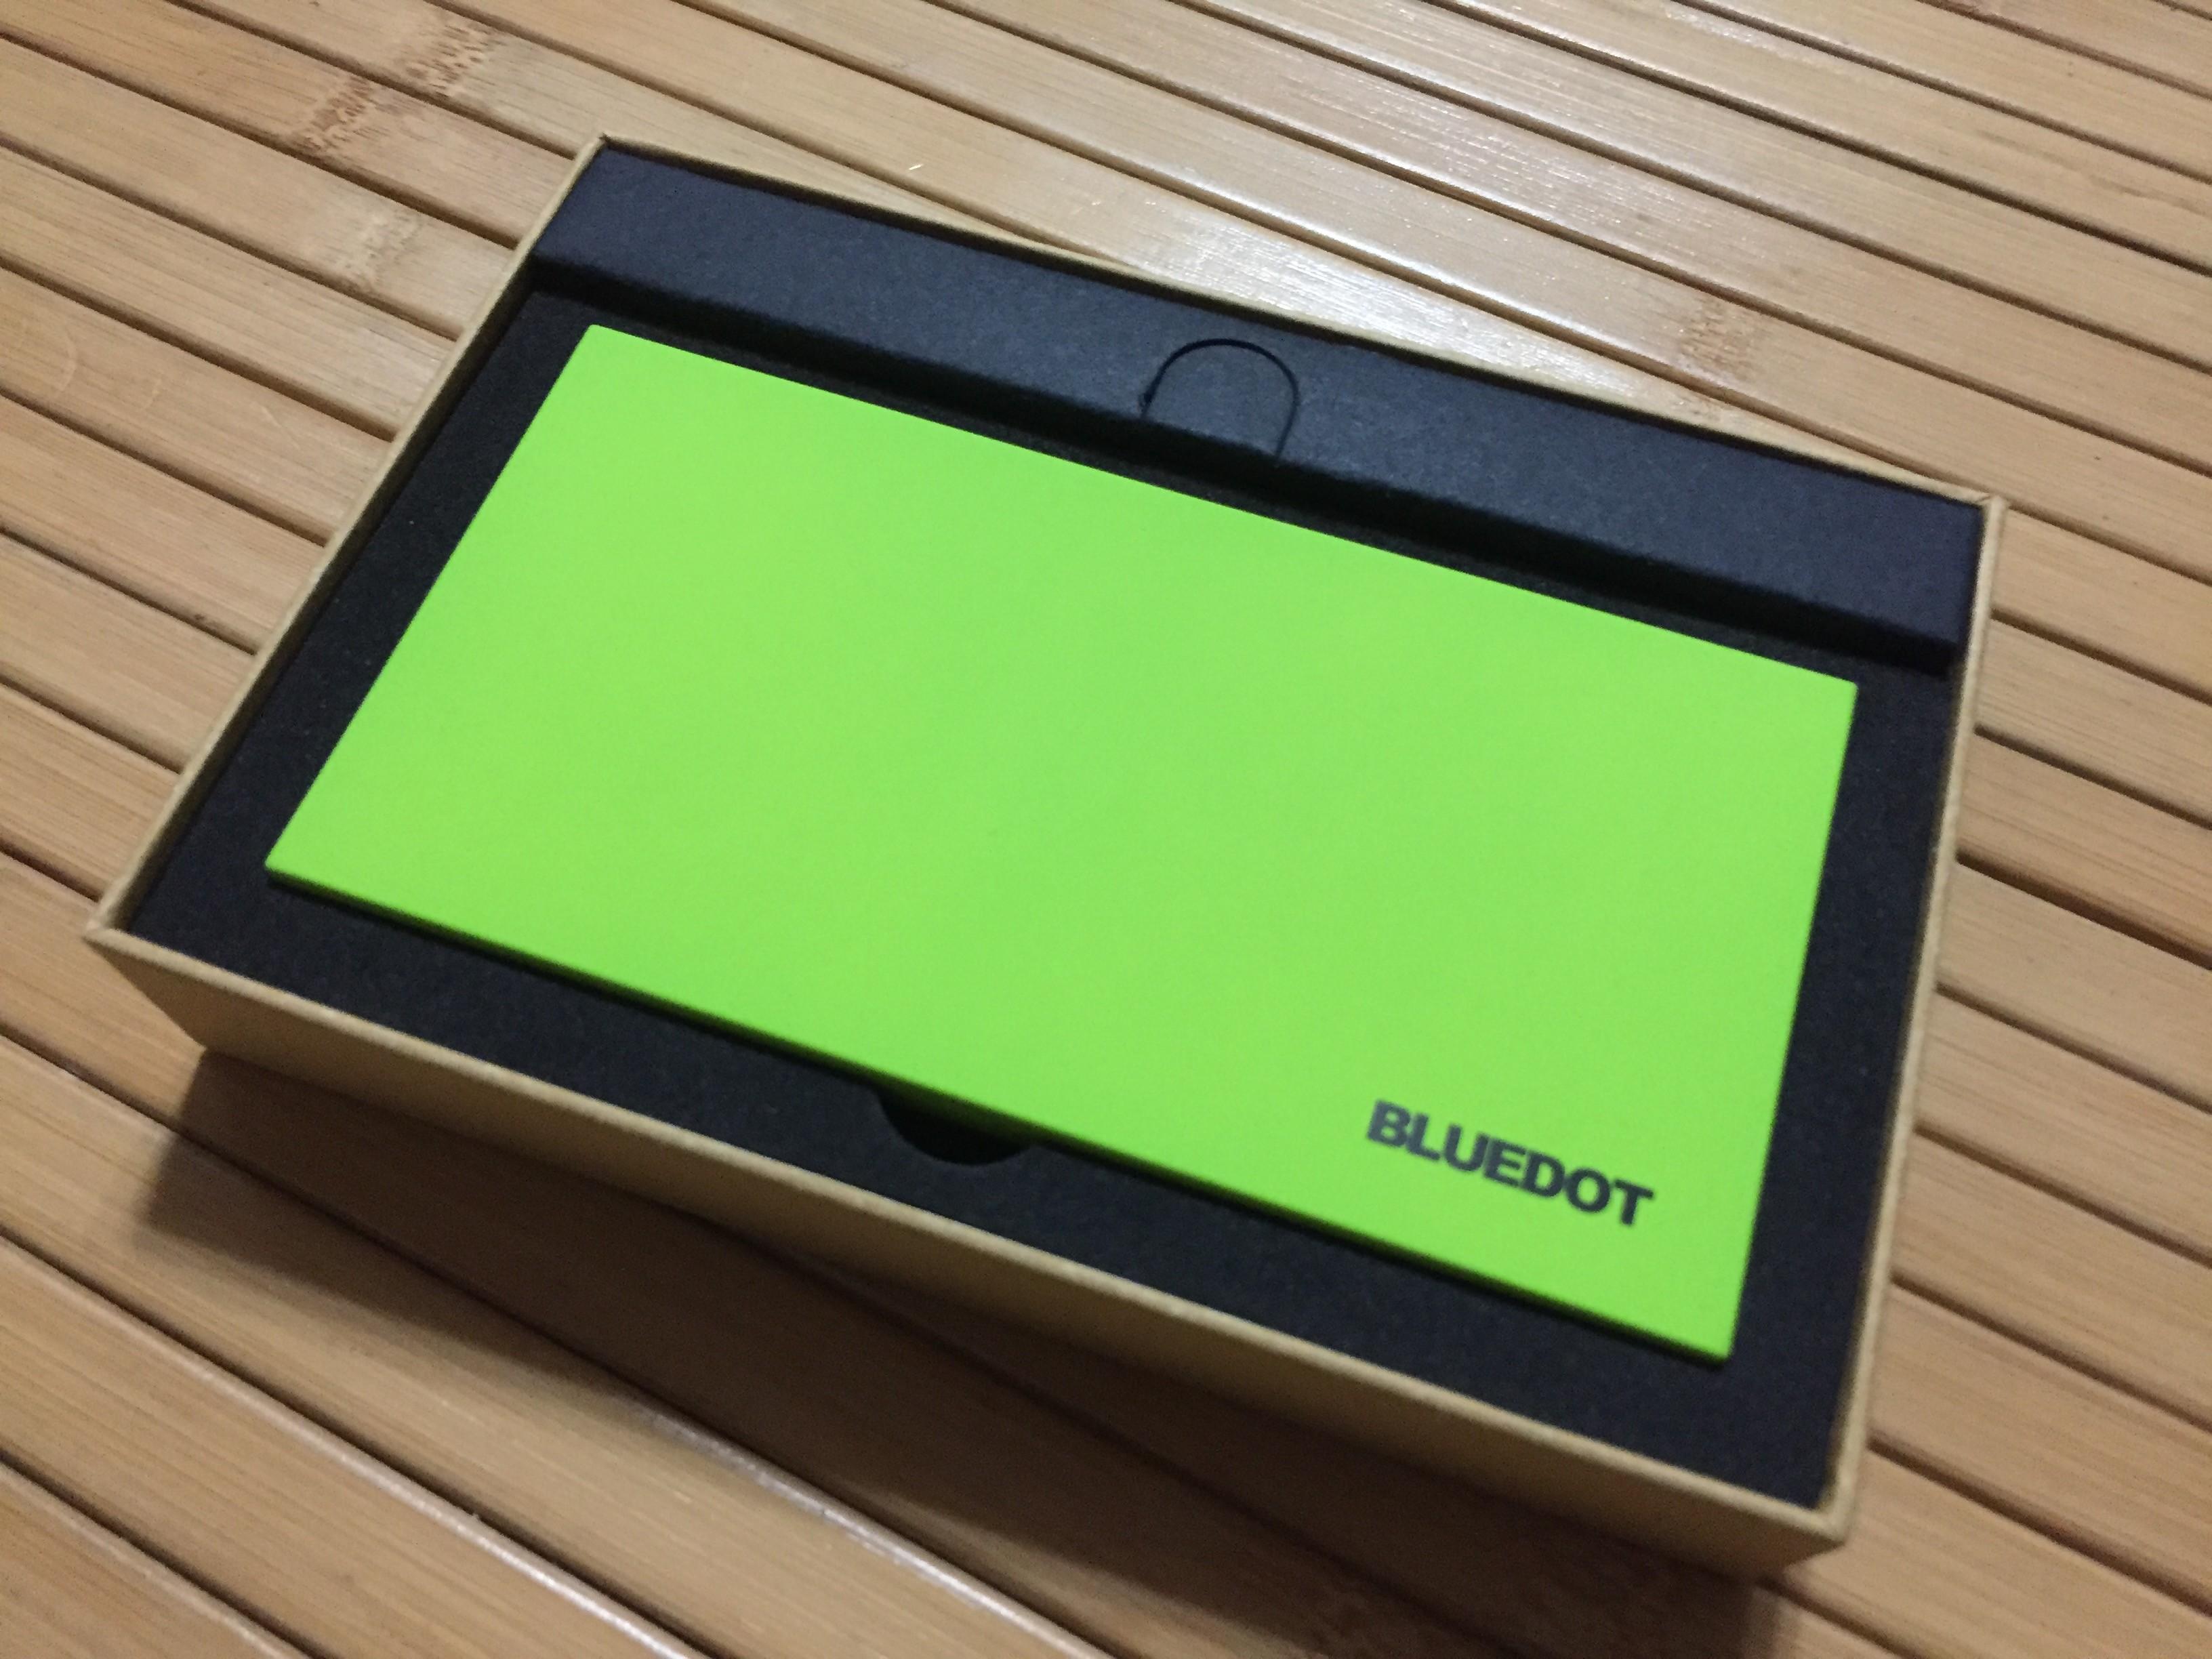 【レビュー】BLUEDOTのモバイルバッテリー「BMB-10」は持ち運びも便利で値段も安い!